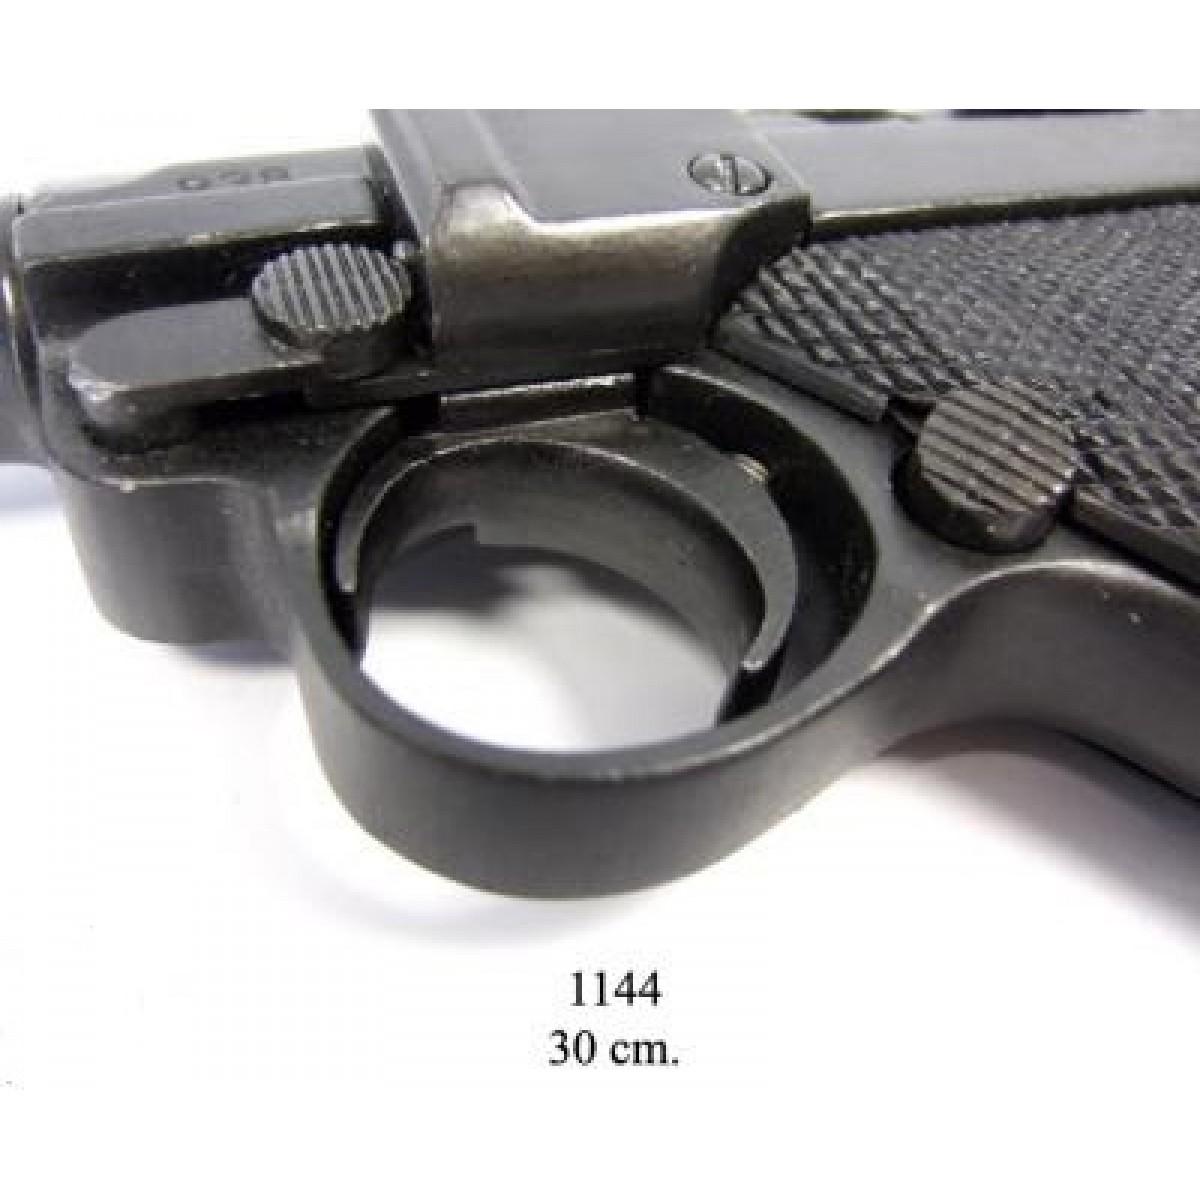 Пистолет Люгер P 08 удлиненный 30 см, ММГ копия